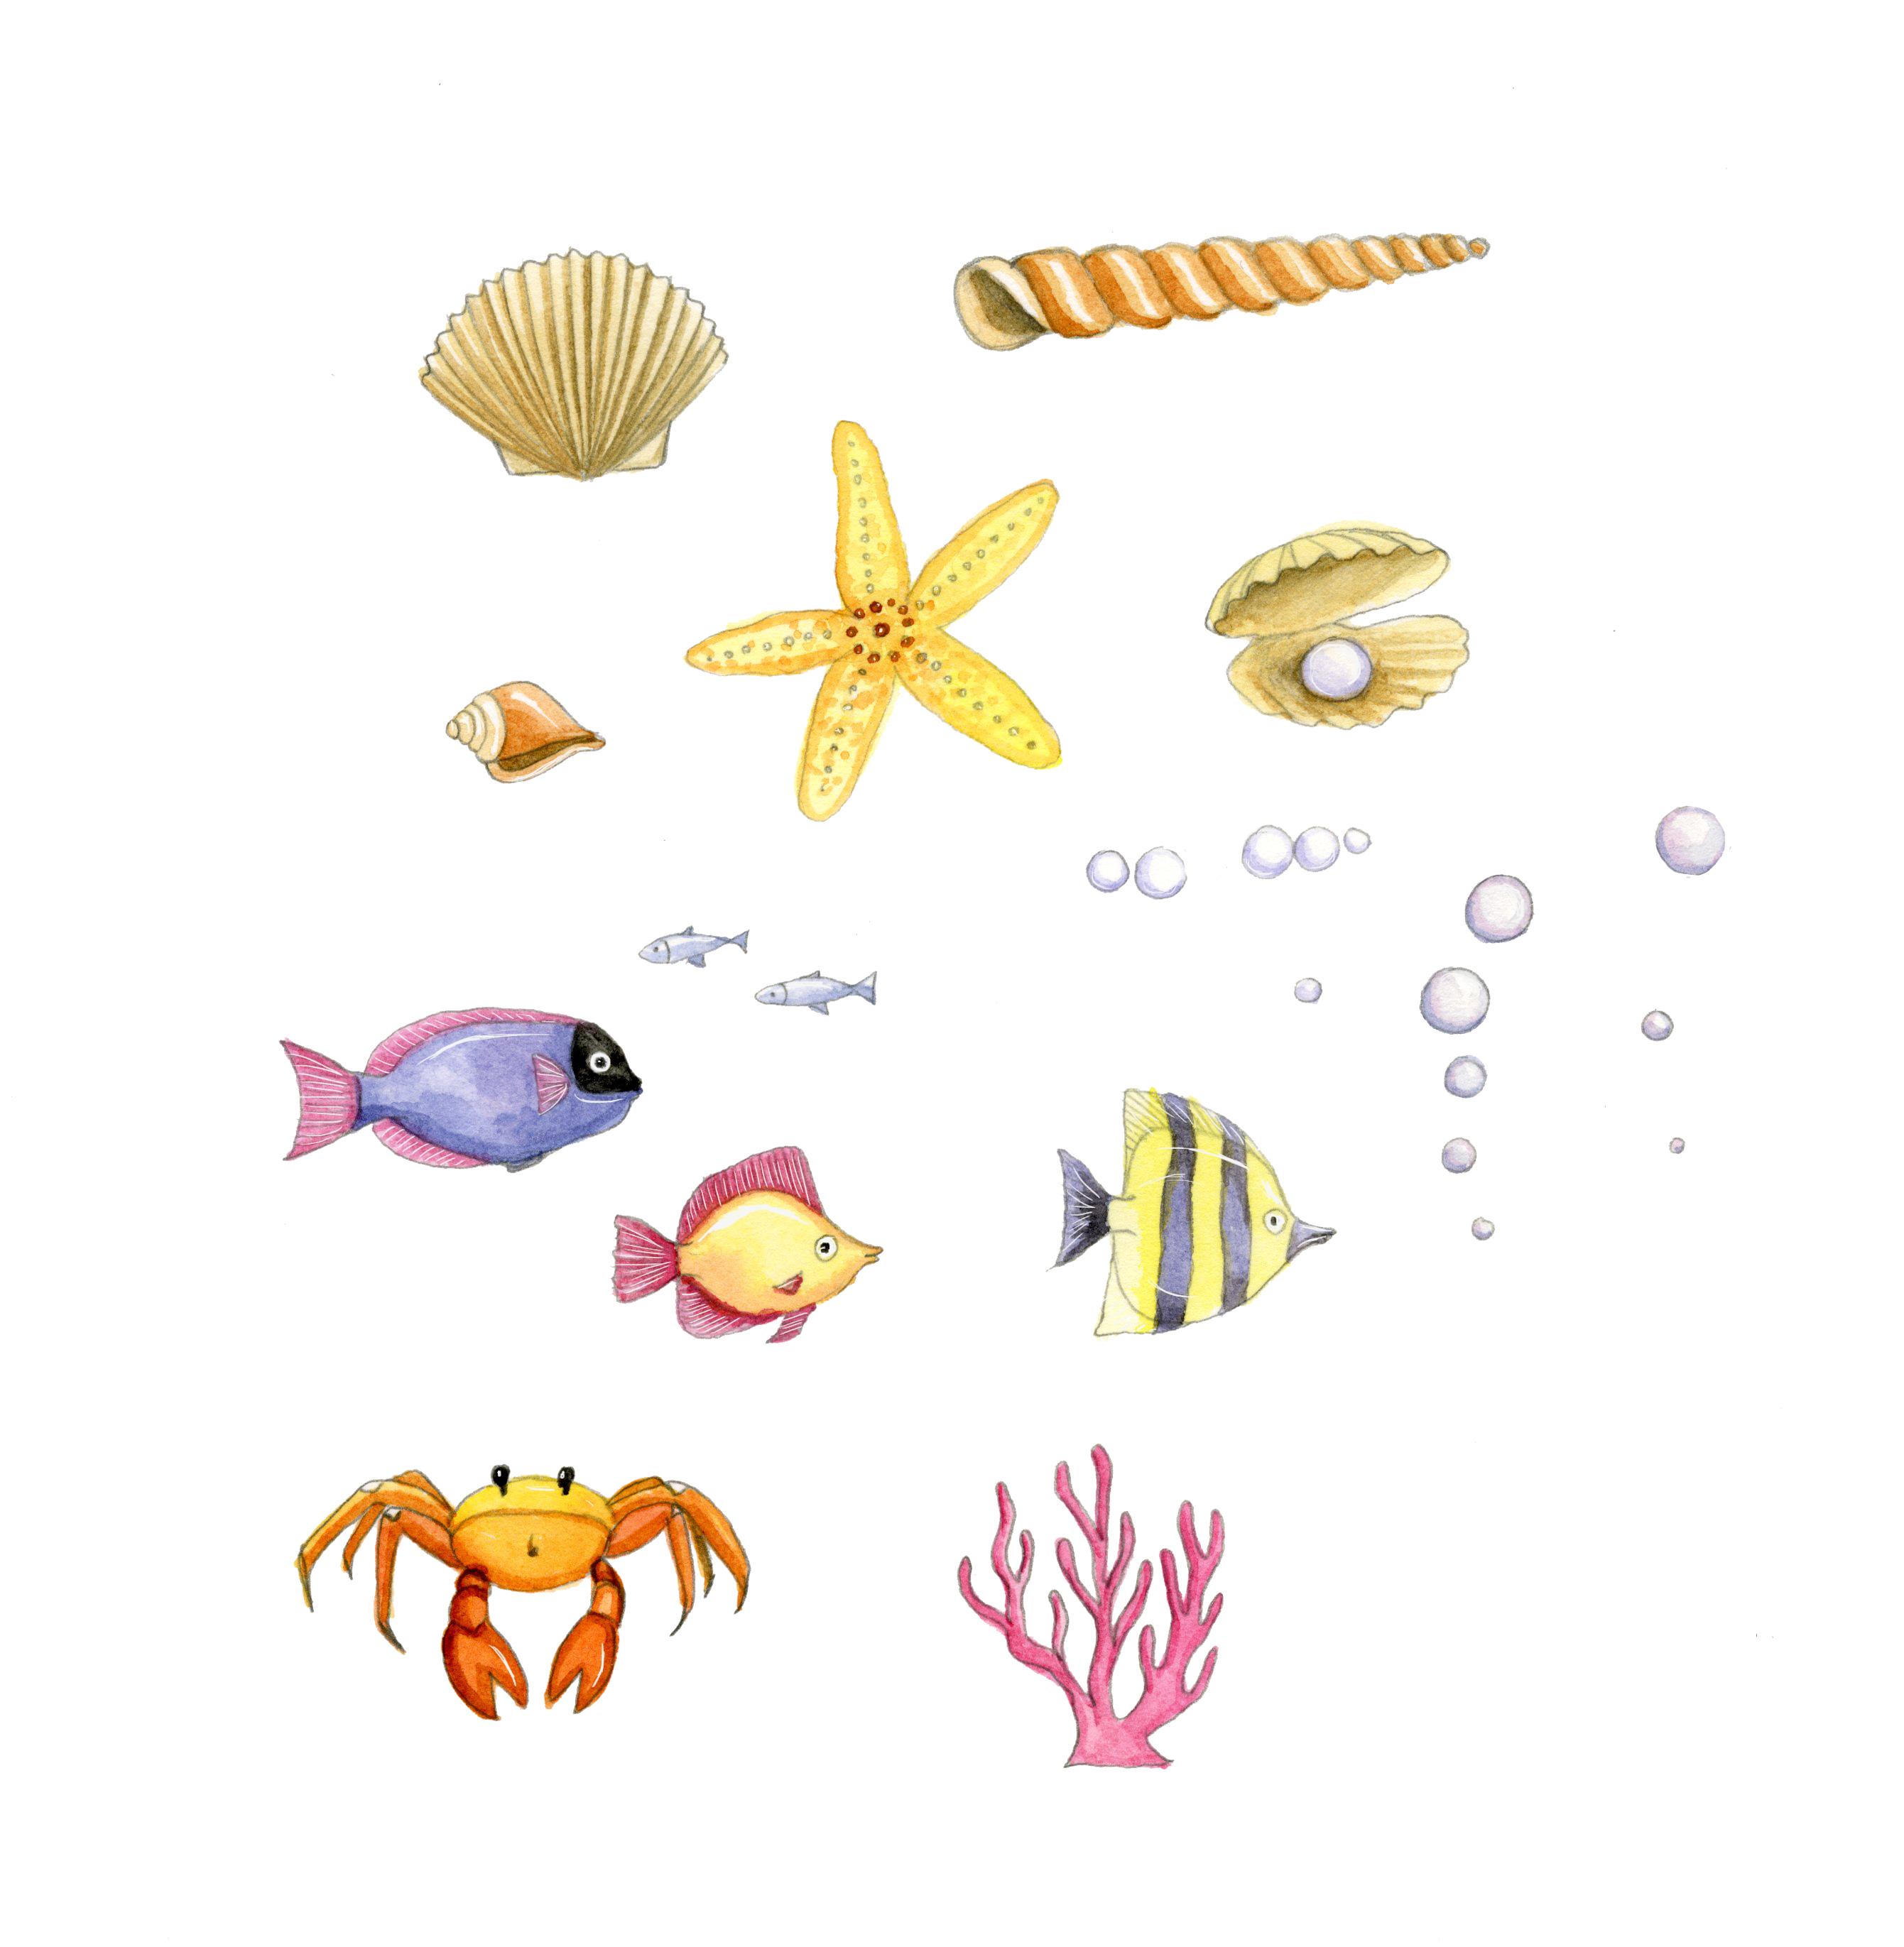 Fishes,starfish and shells_portfolio_gail yerrill